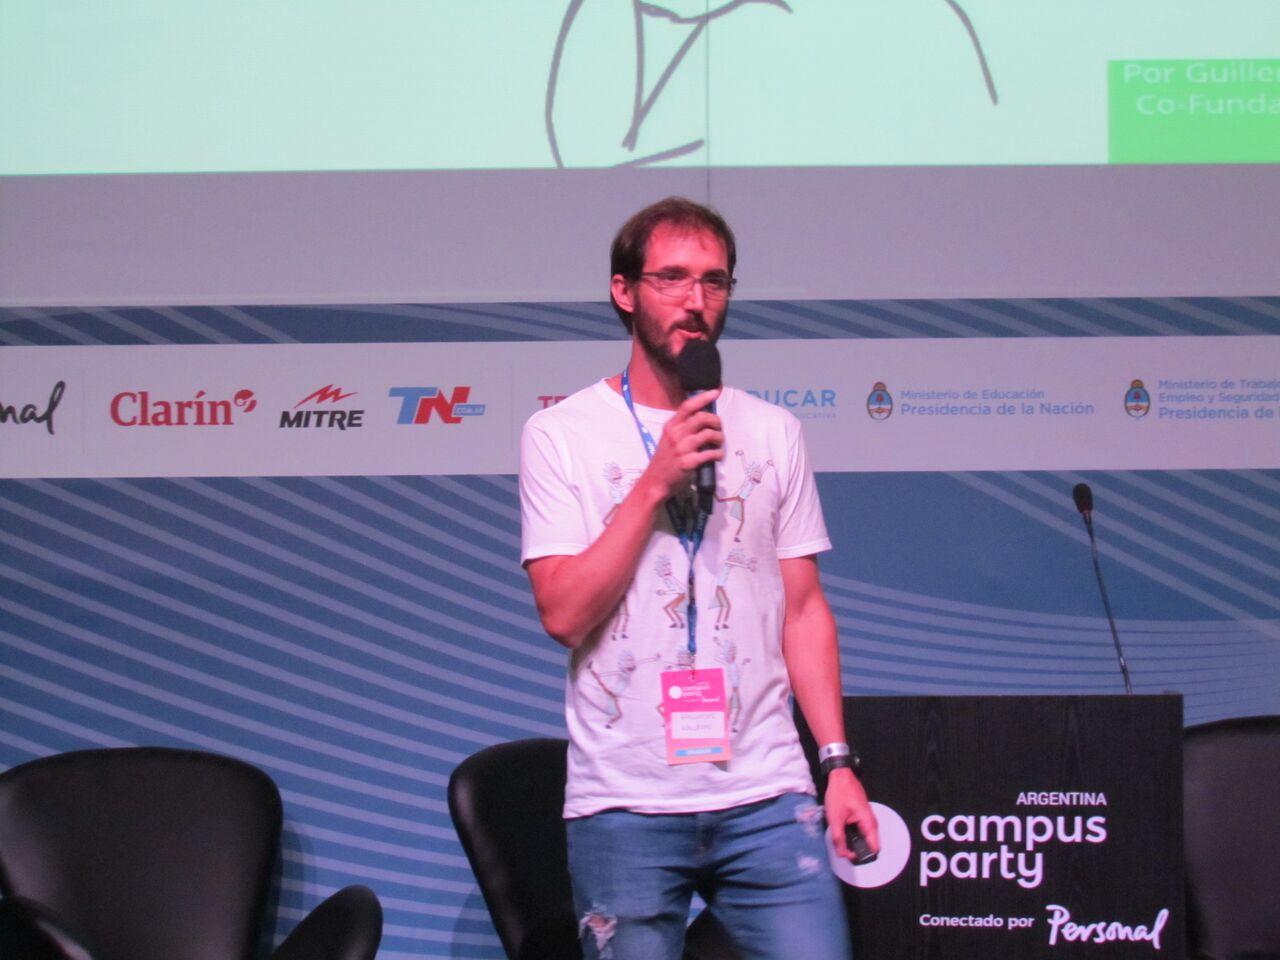 Workana en Campus Party: Las 5 peores cosas que hicimos en nuestra Startup… (y lo que aprendimos de ellas)